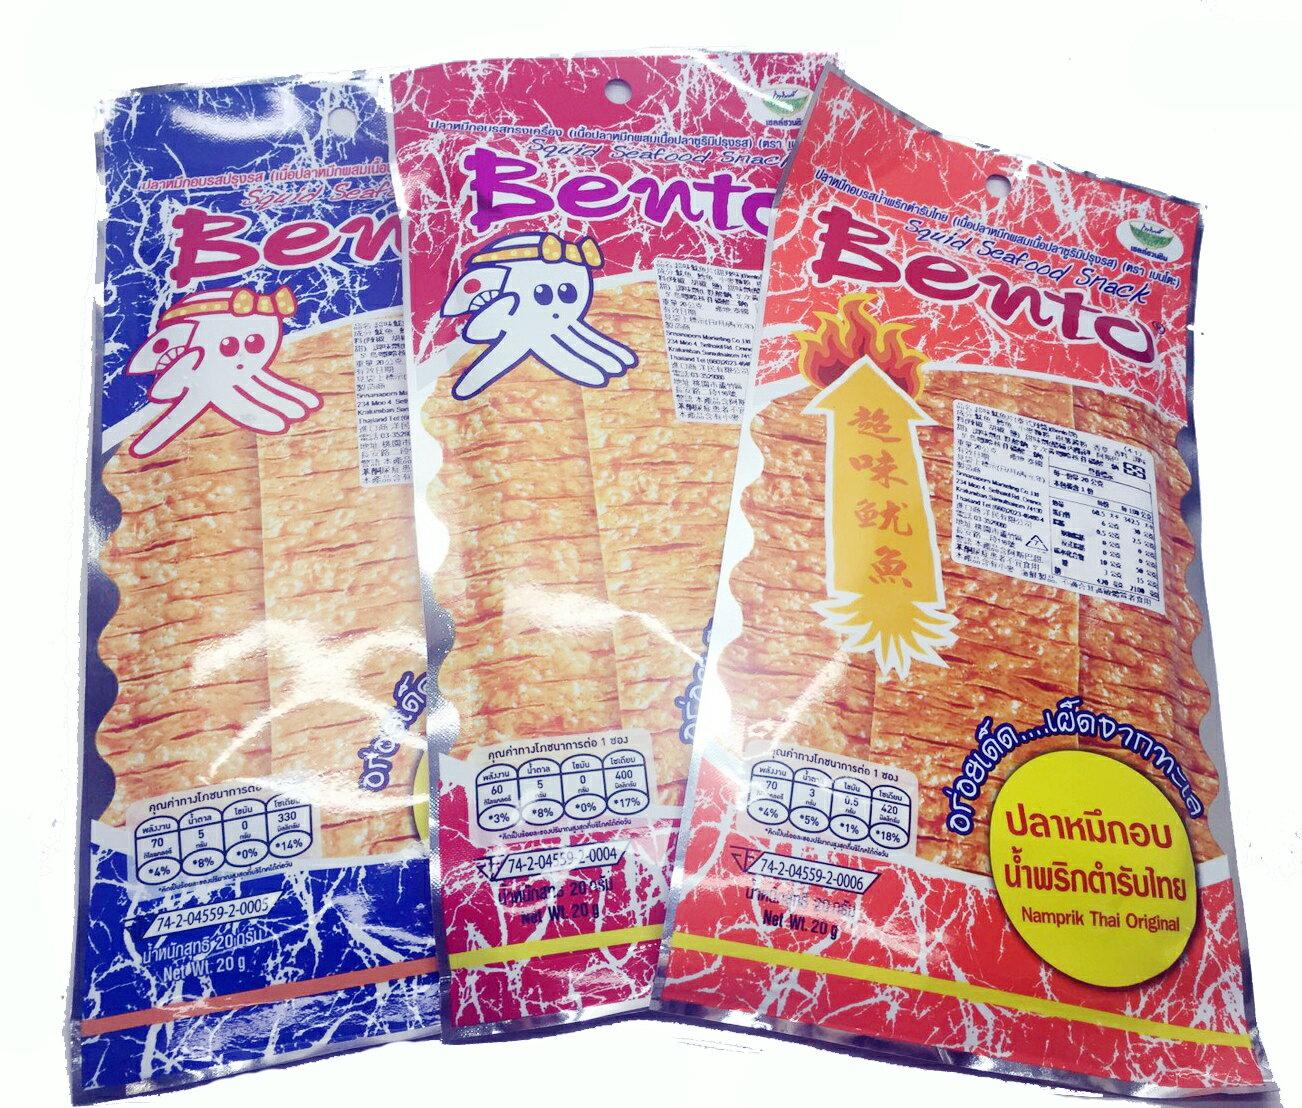 泰國Bento超味魷魚片24g 藍(蒜辣)/紅(香辣)/橘(麻辣)泰國直飛回台 少量現貨大包裝 魷魚片 P7韓系精品館